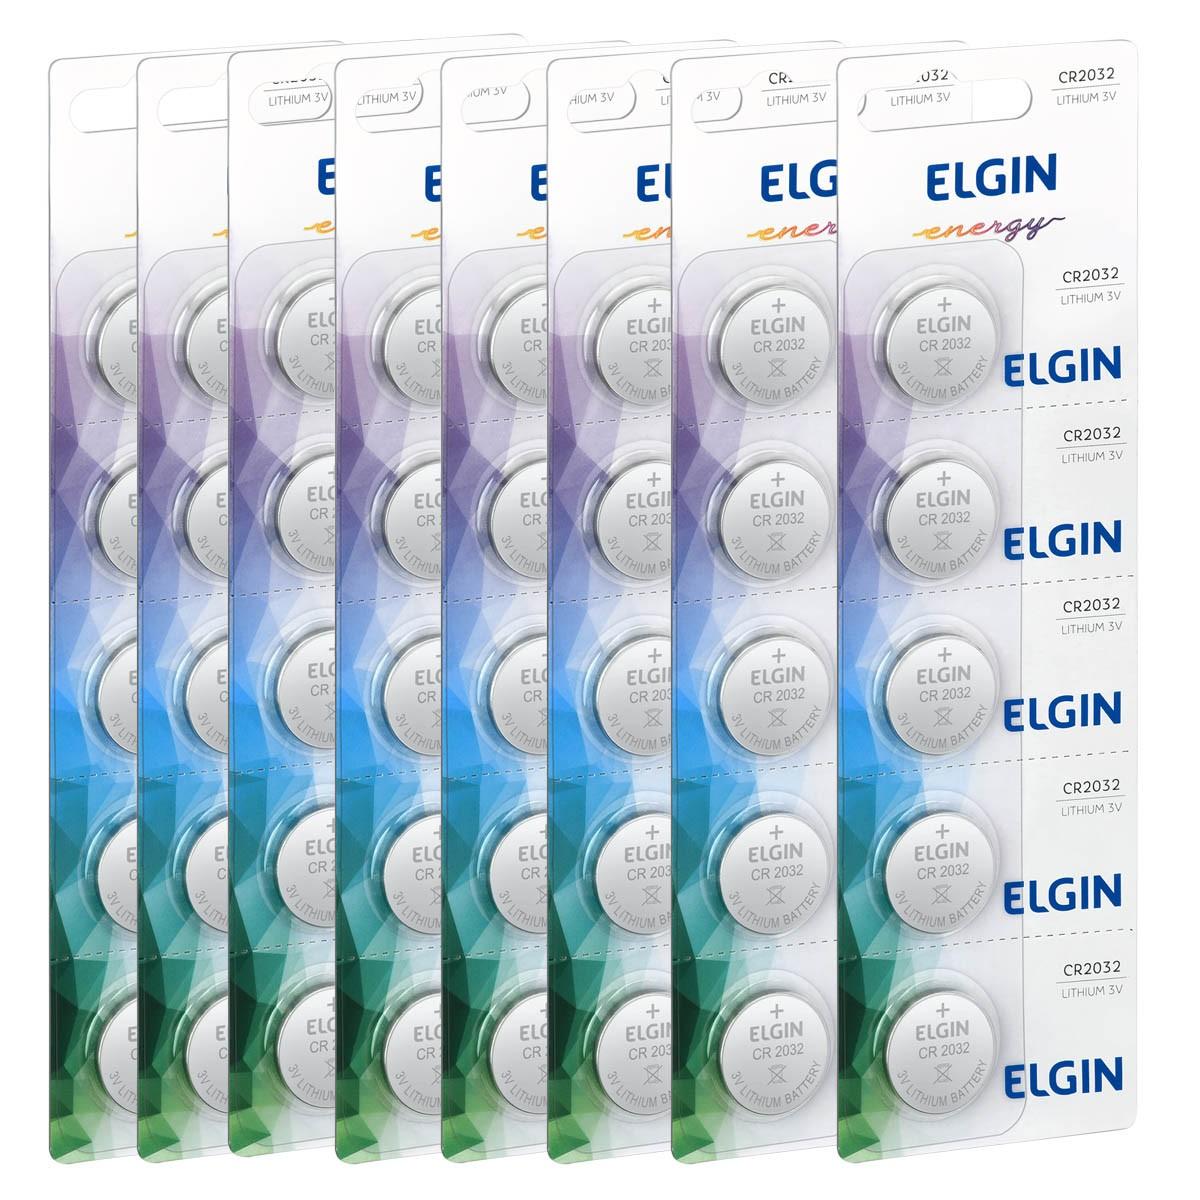 40 Baterias Pilhas Lithium 3V Elgin CR2032 8 cartela